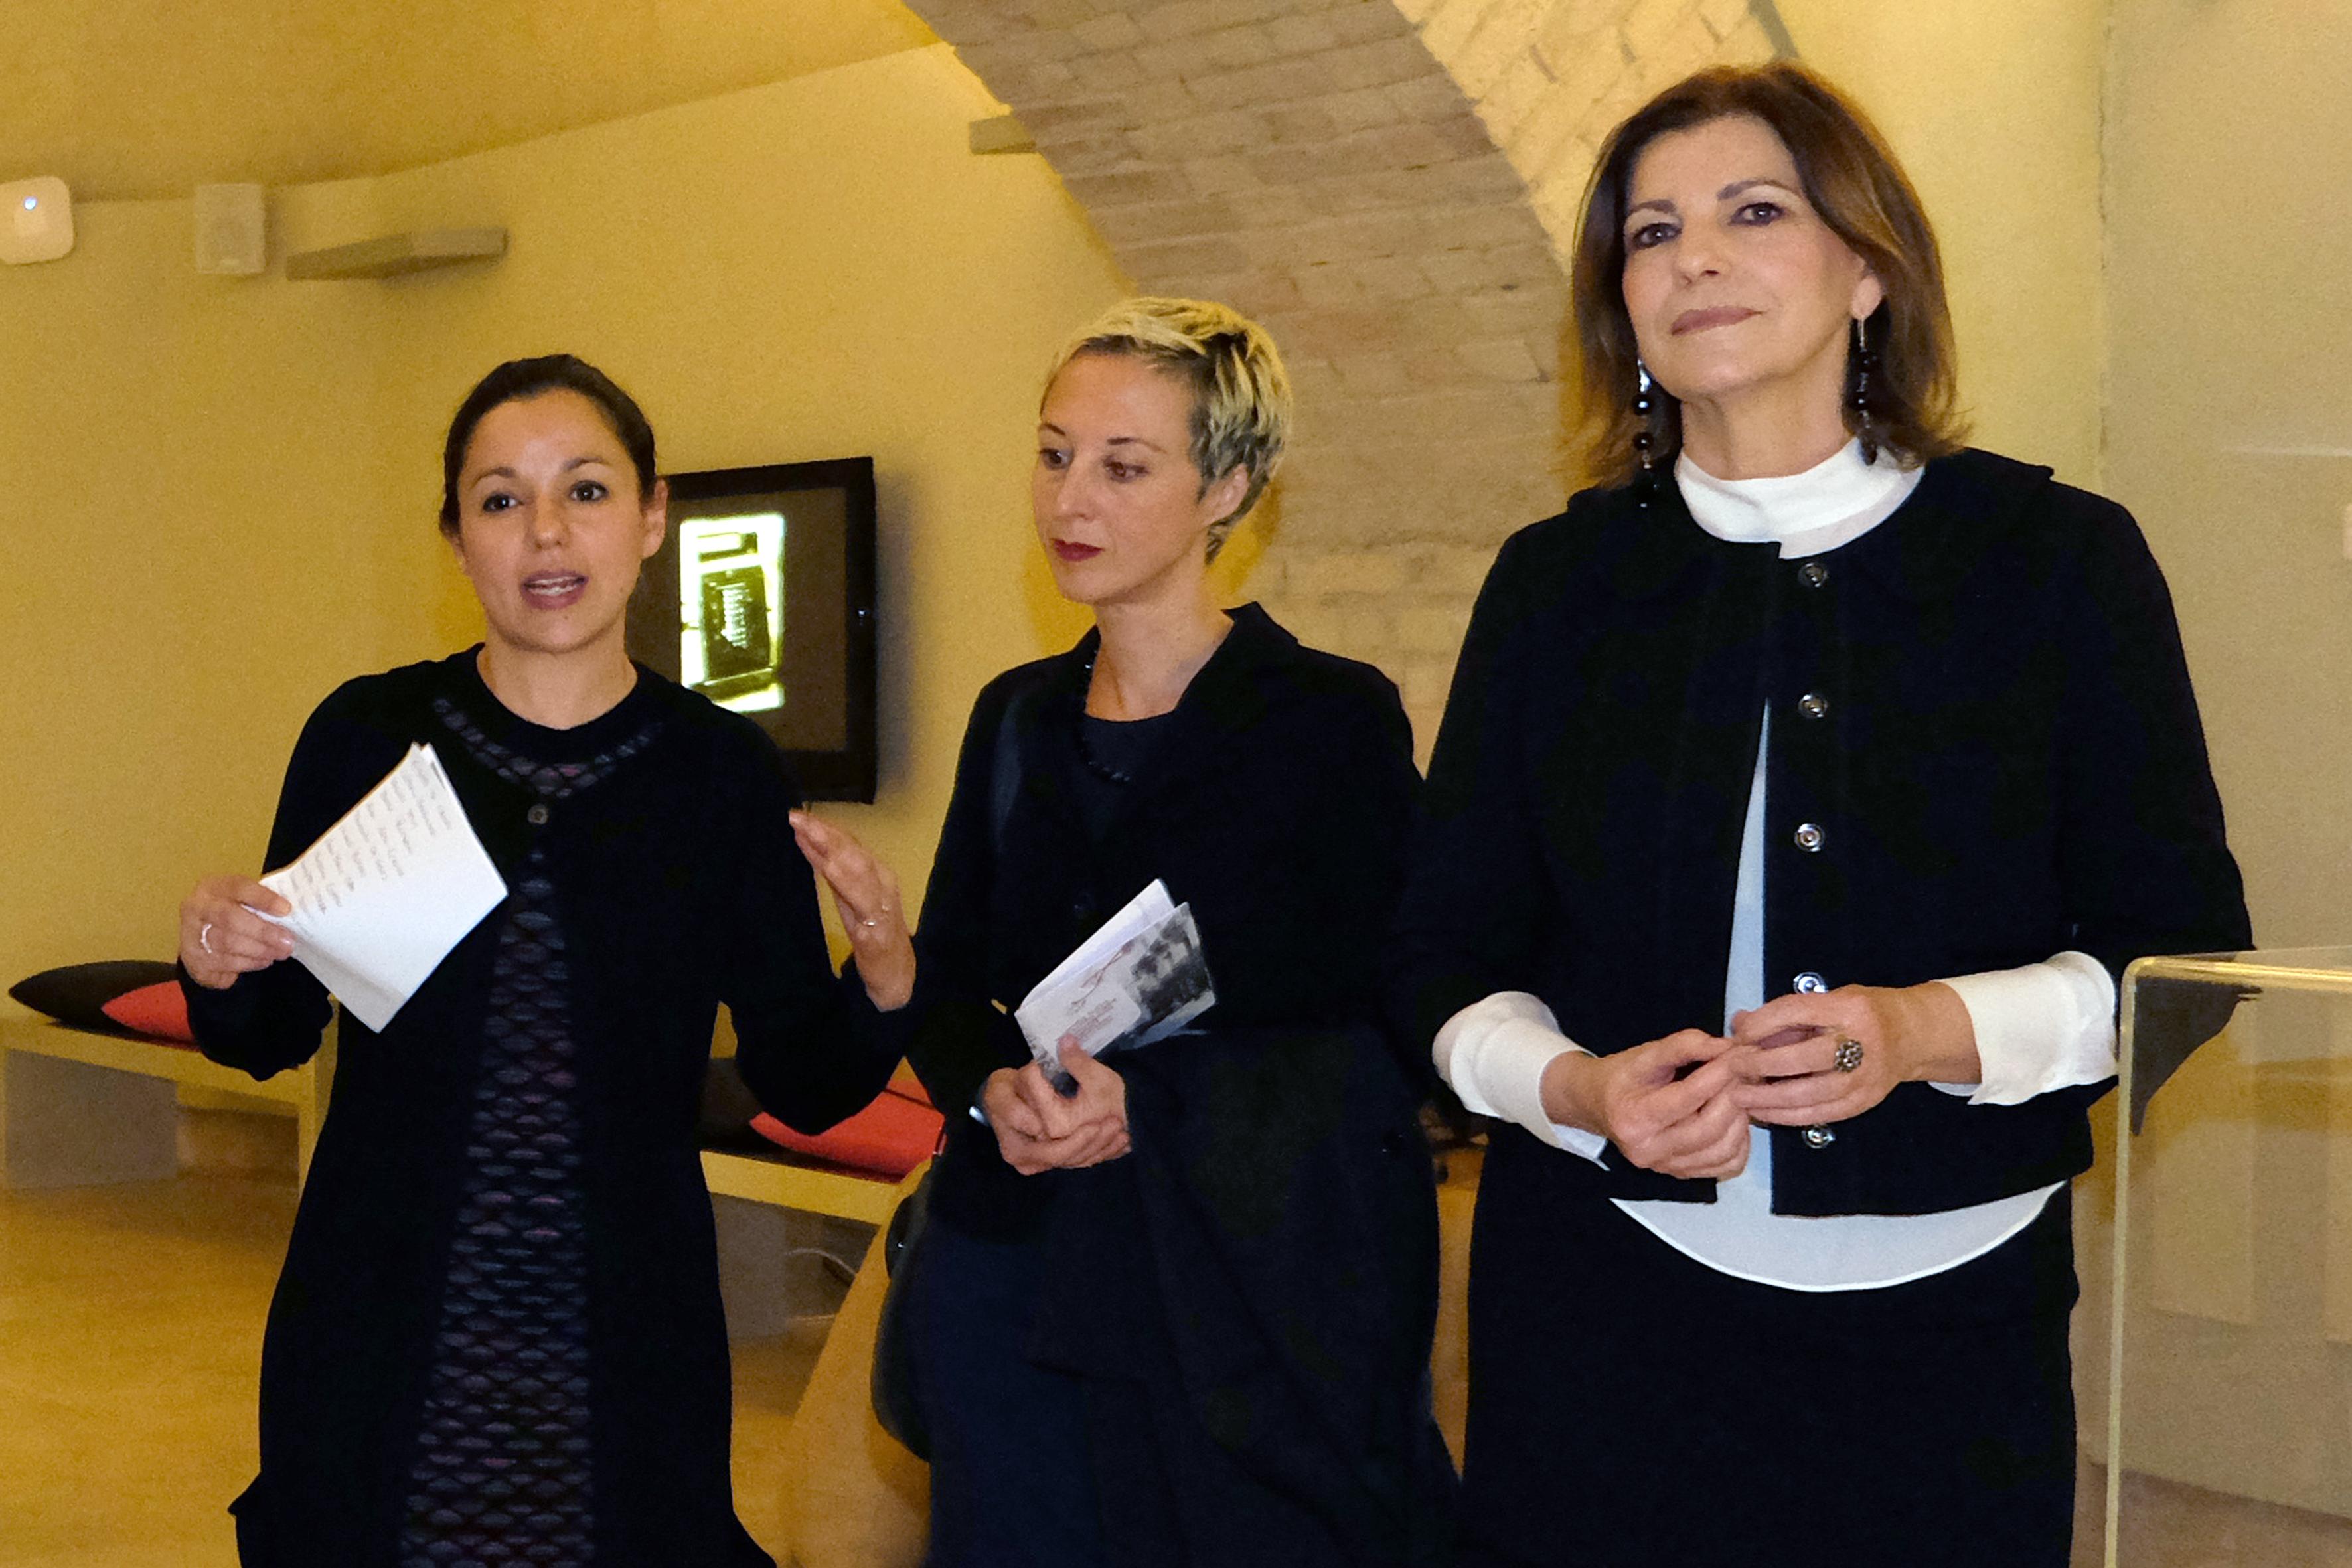 """2 Inaugurata il 14 marzo a Cagliari ai Musei Civici la Mostra """"Quando tutto era sotto casa"""" che divisa in 3 Atti ci accompagnerà per tutto il 2014"""